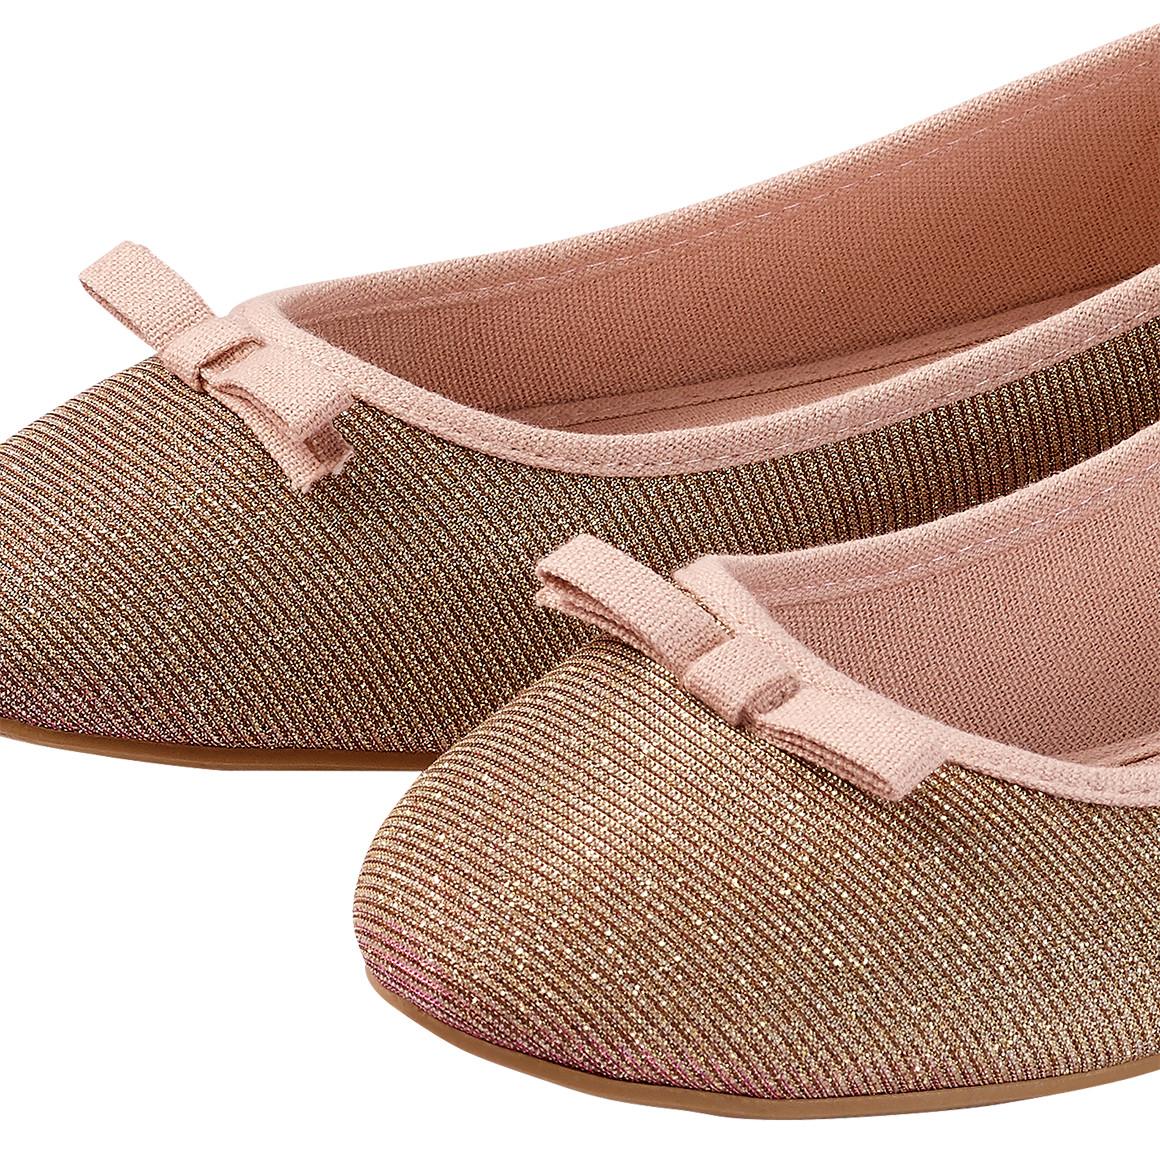 NEU Ballerina Schuhe Damen Mädchen 37 aktuell Ernstings